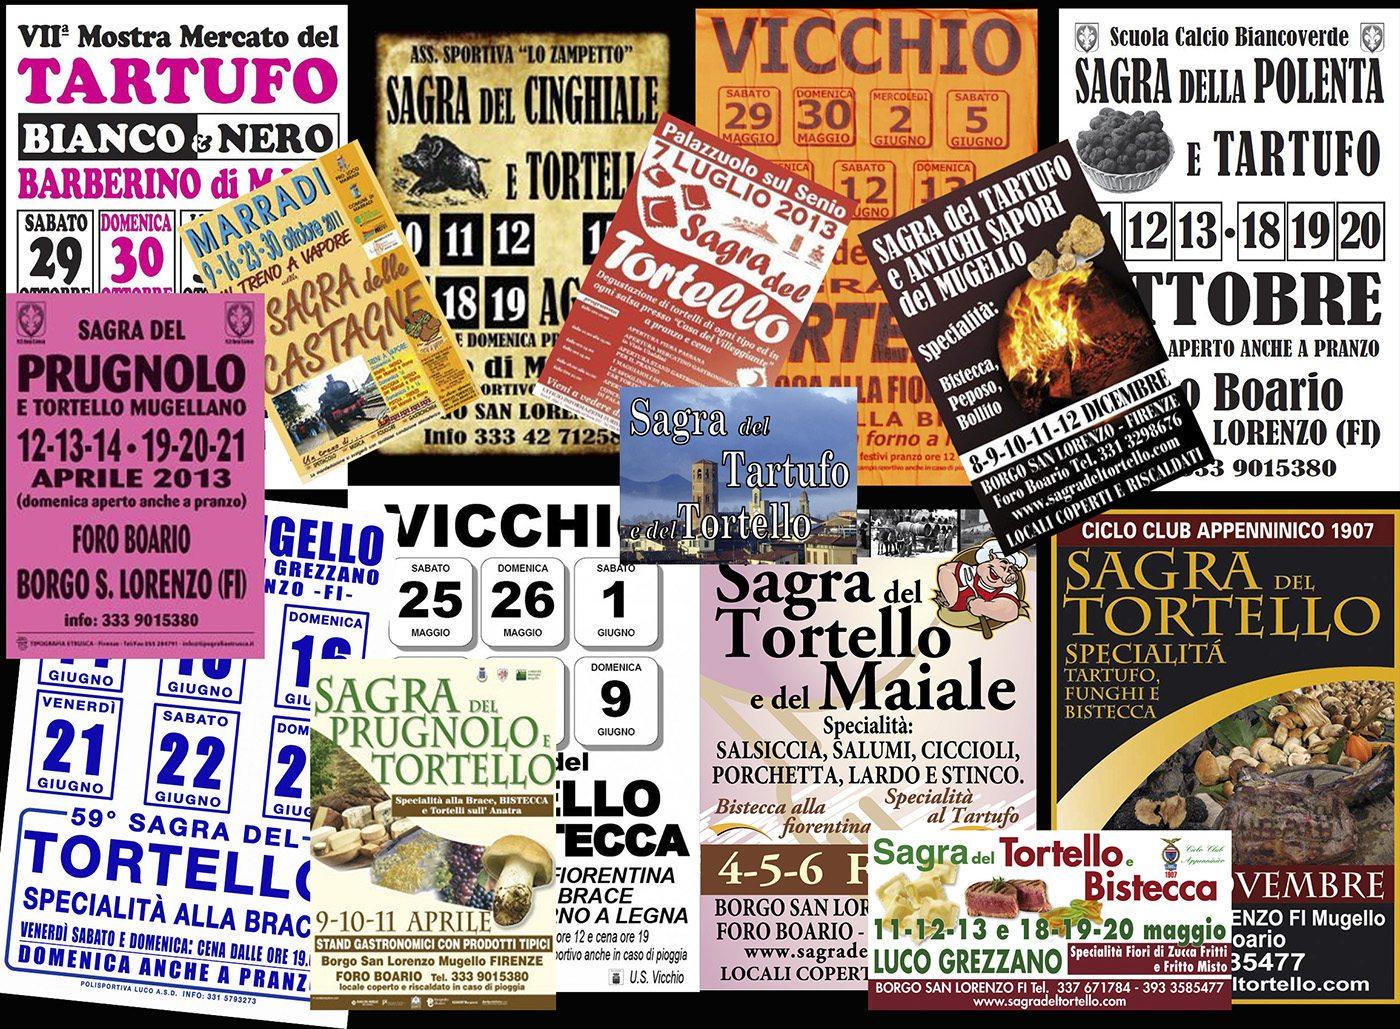 Calendario Sagre.Il Filo Del Mugello 169 Giorni Di Sagre A Borgo San